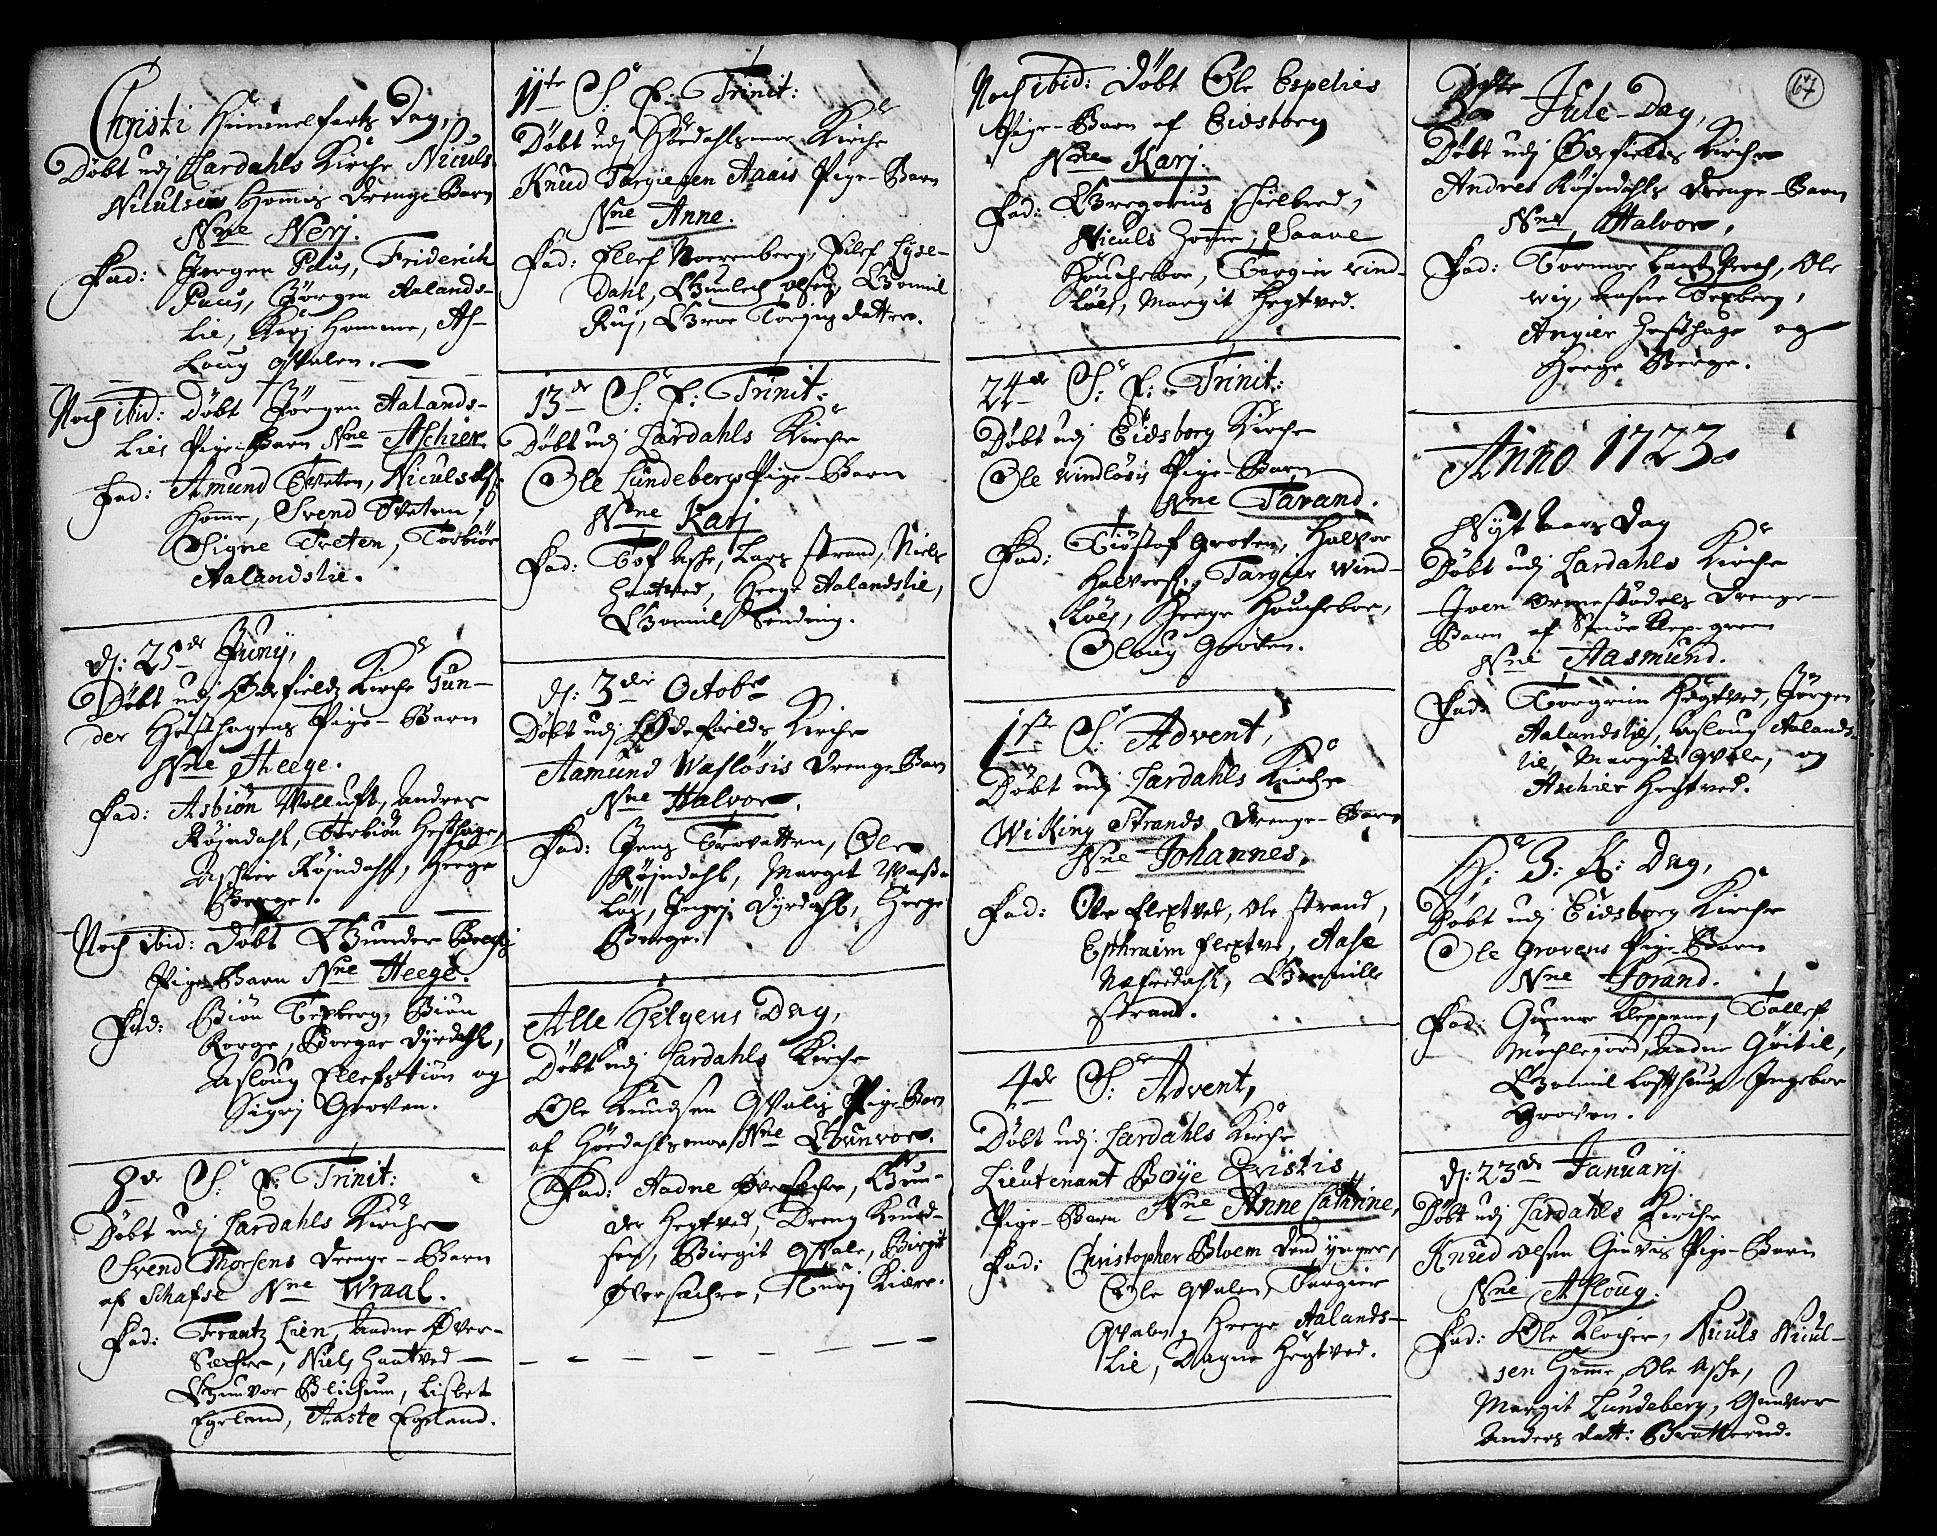 SAKO, Lårdal kirkebøker, F/Fa/L0001: Ministerialbok nr. I 1, 1721-1734, s. 67